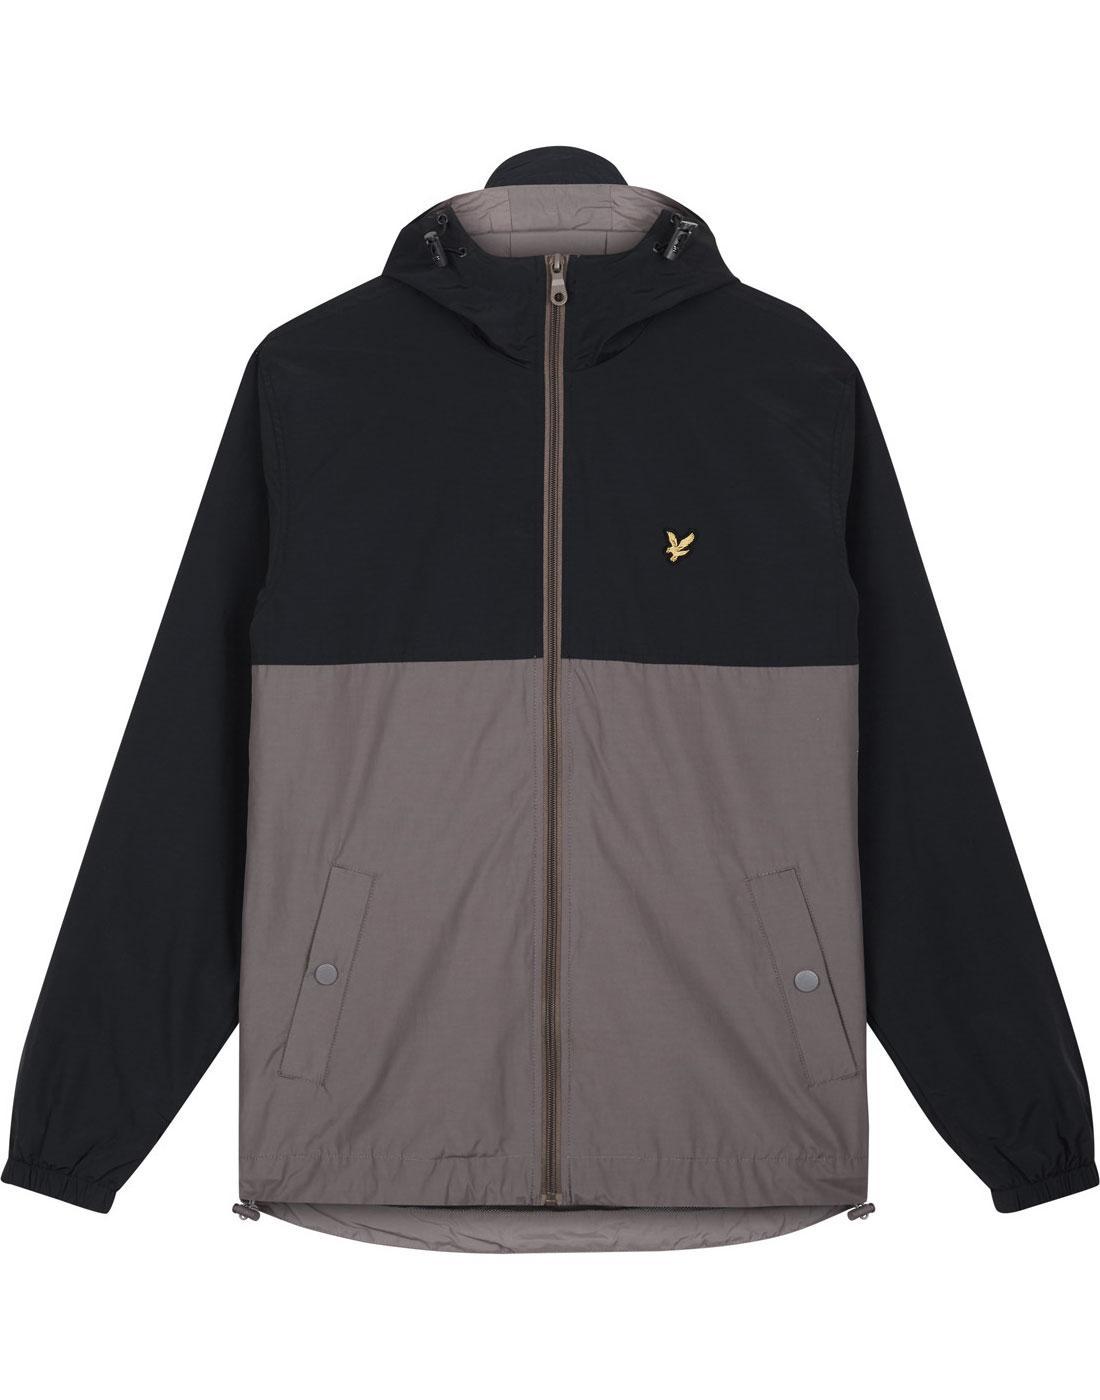 LYLE & SCOTT Retro Colour Block Hooded Jacket NAVY